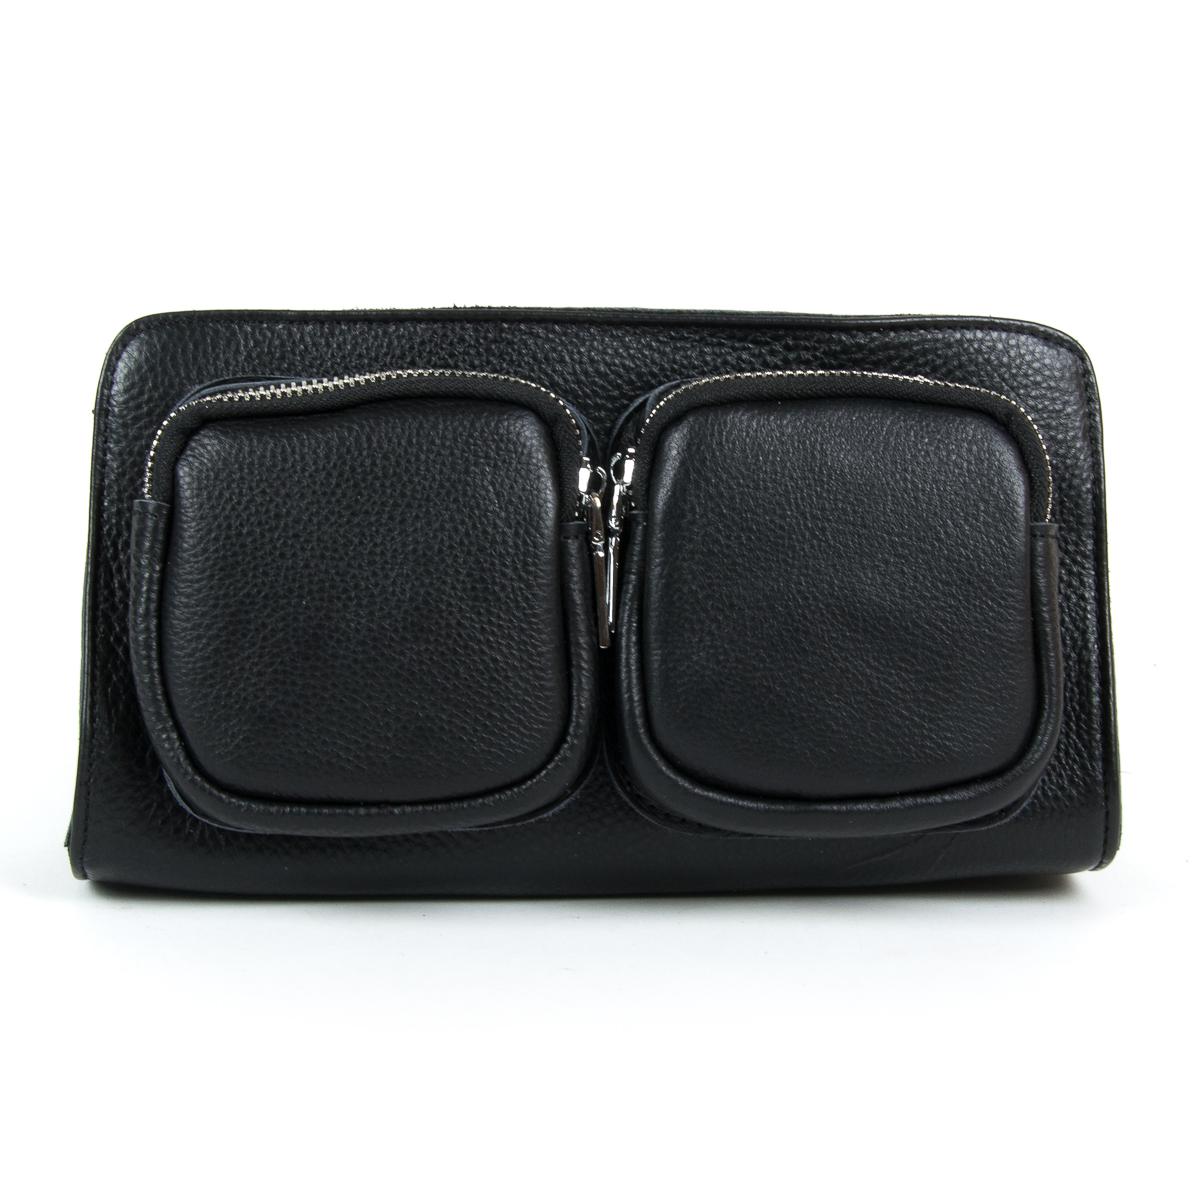 Сумка Женская Клатч кожа ALEX RAI 9-01 8785-9 black